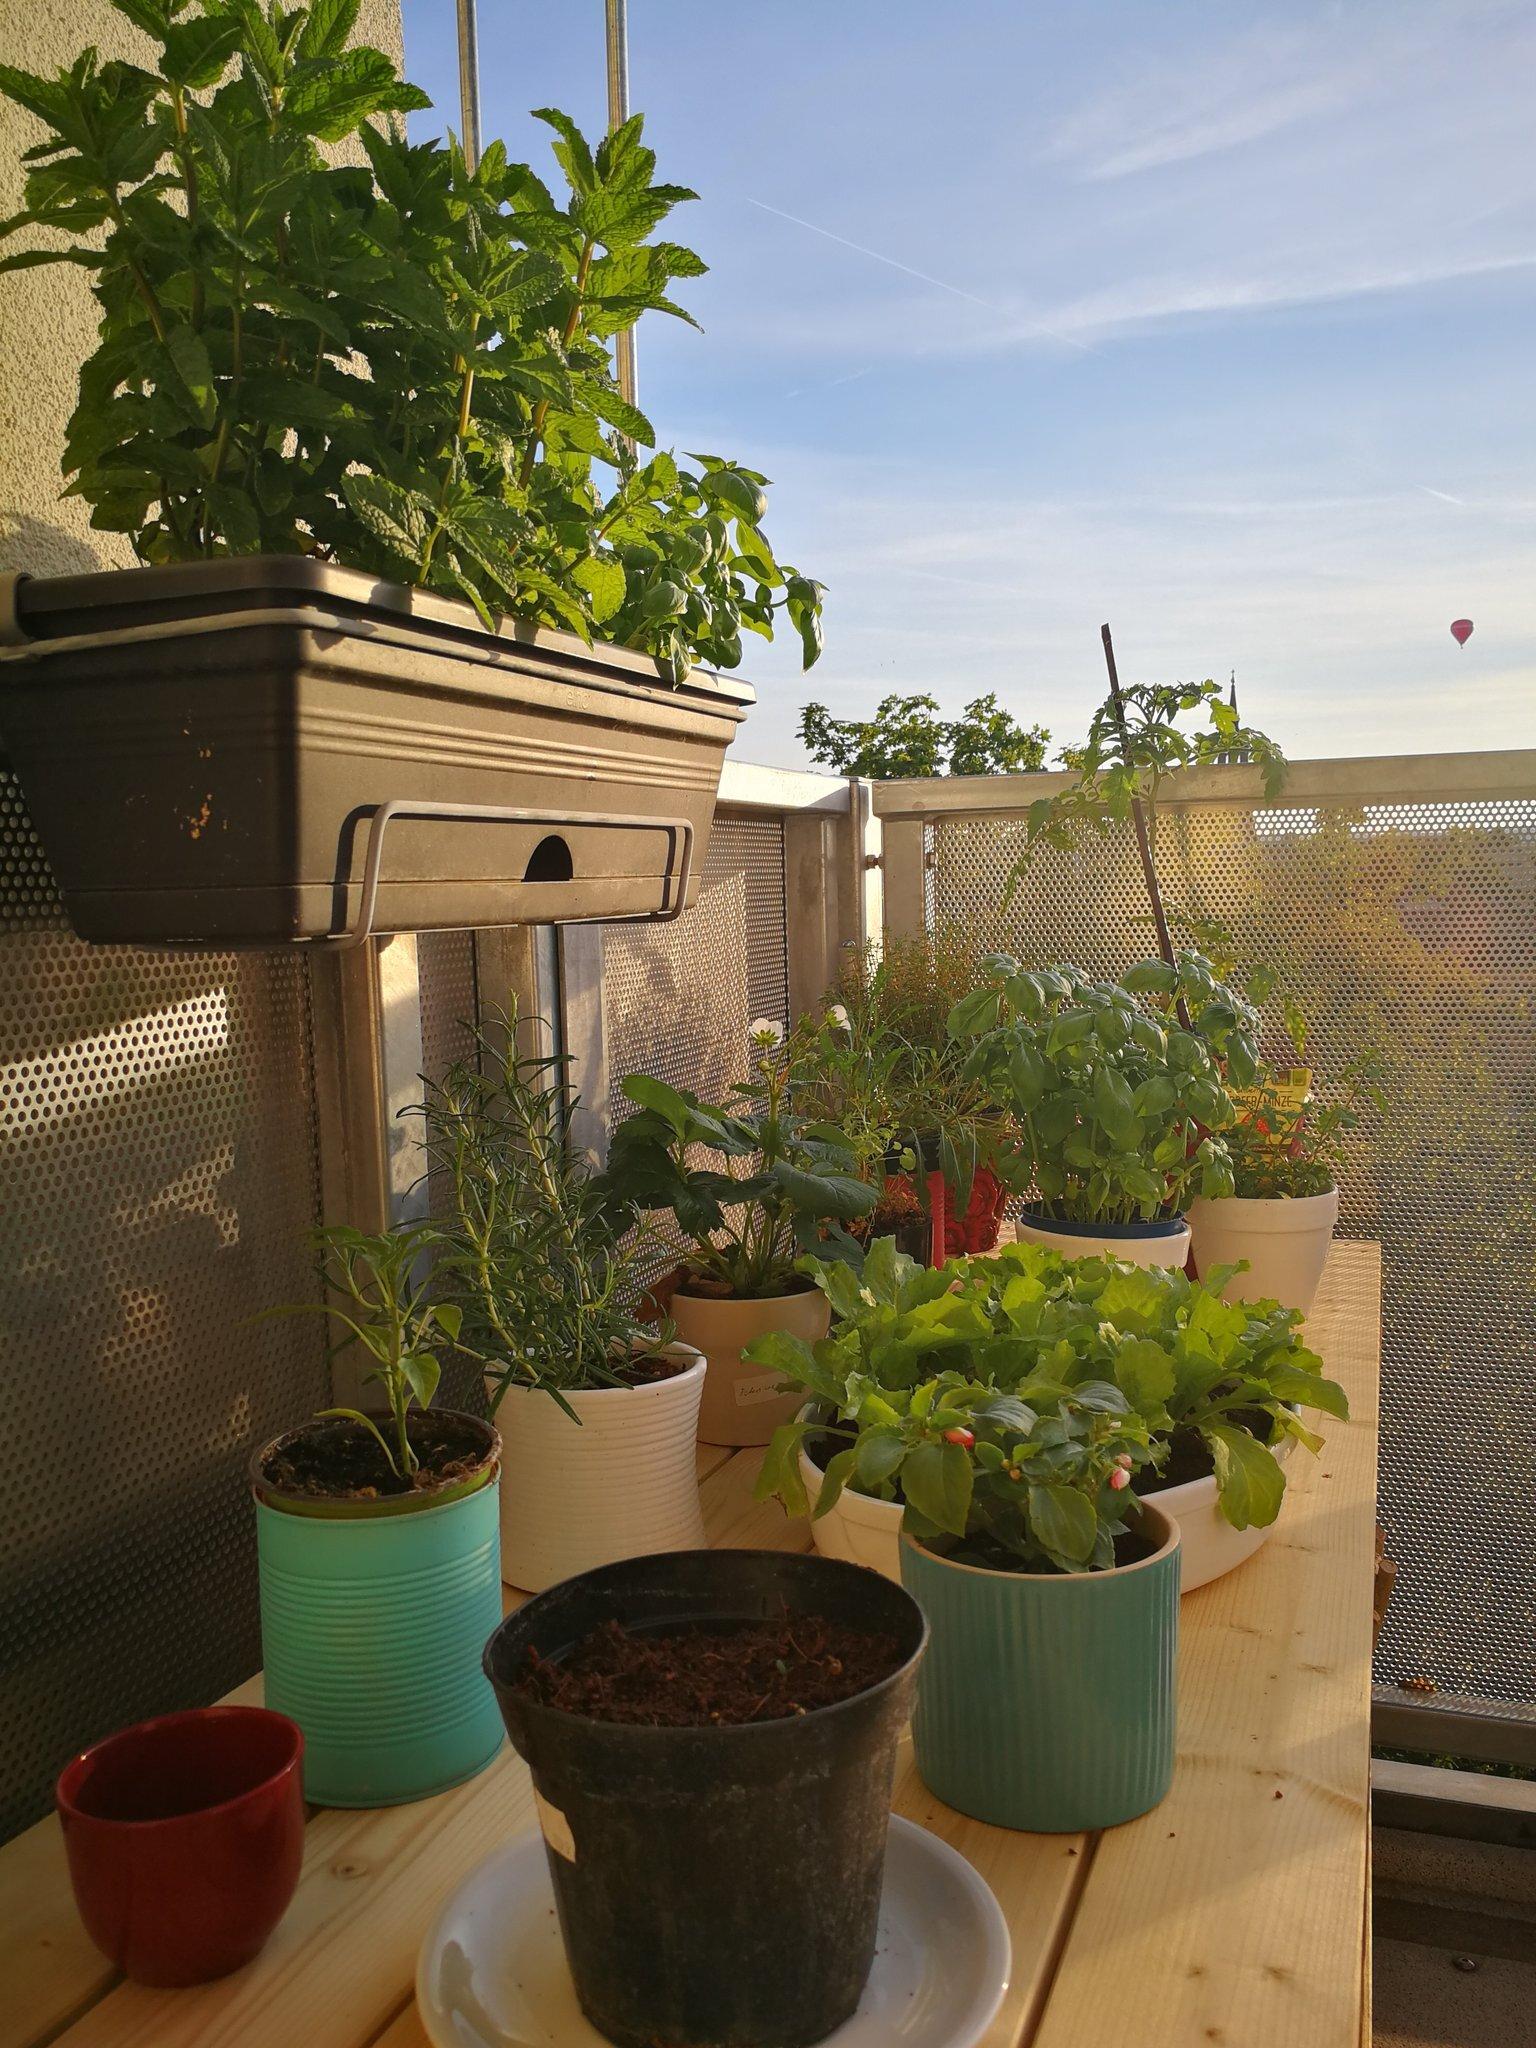 urban_garden__Krameike